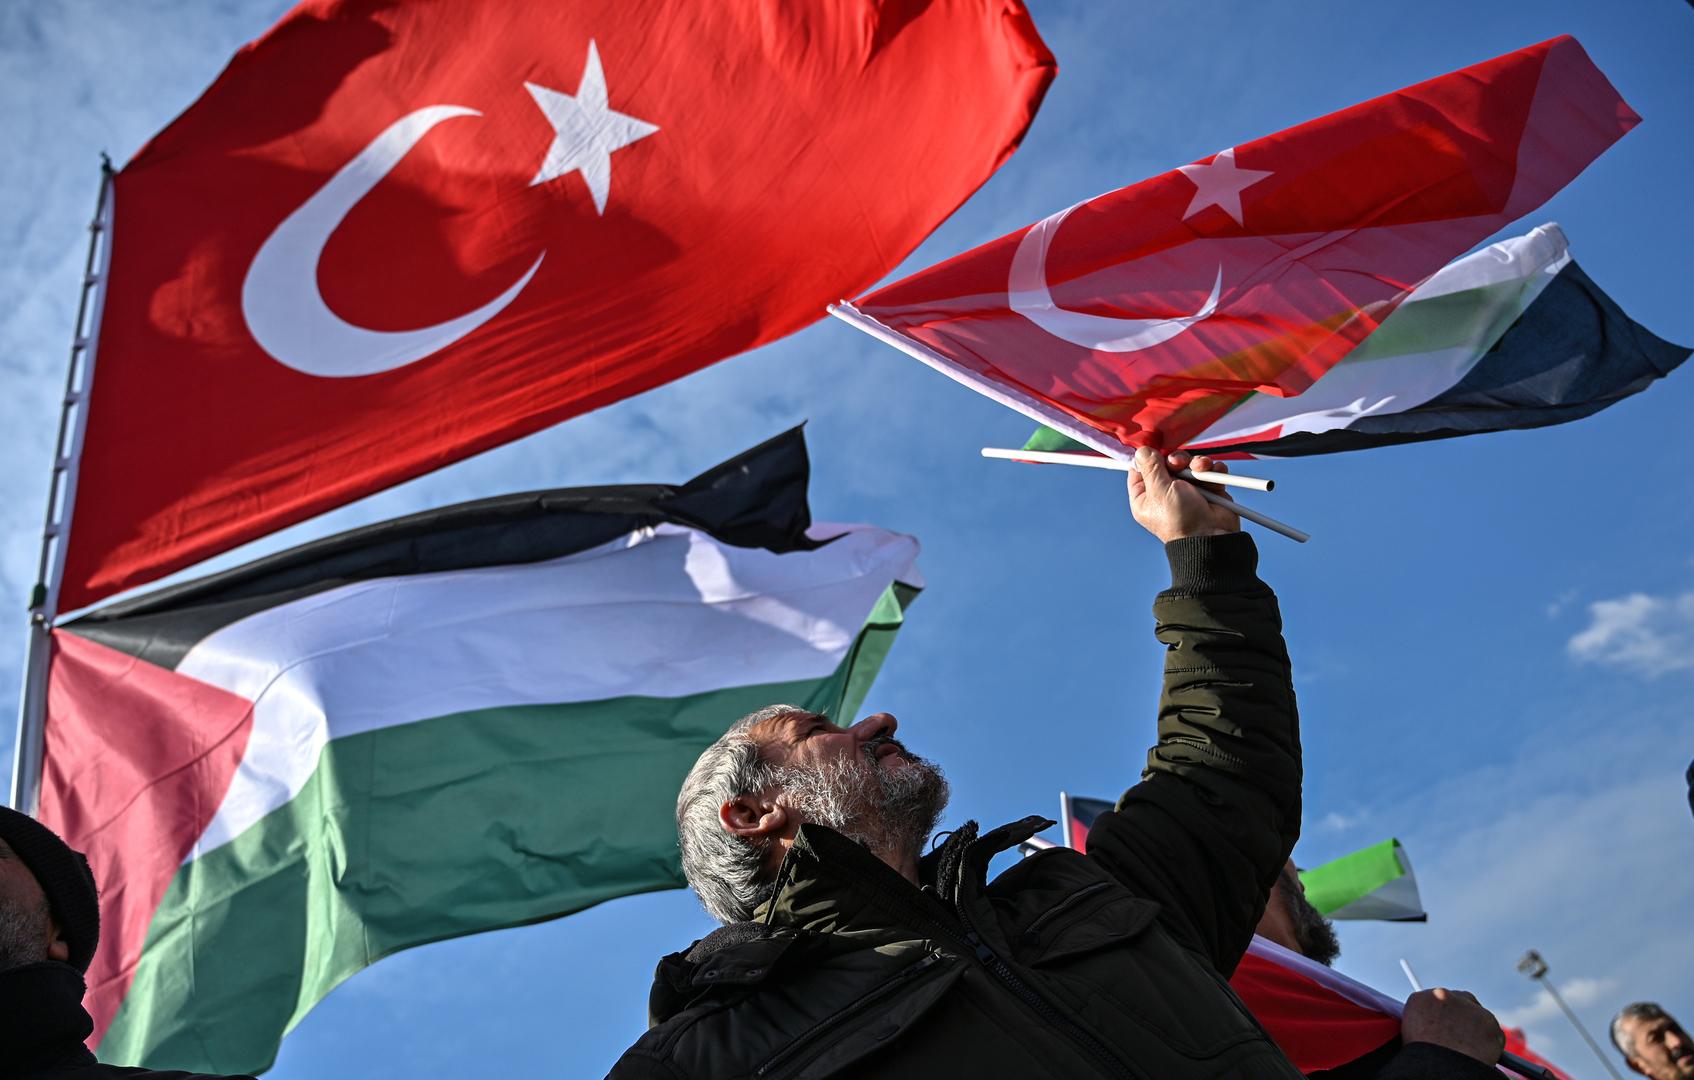 العلاقات التركية الإسرائيلية بين الثابت والمتحول